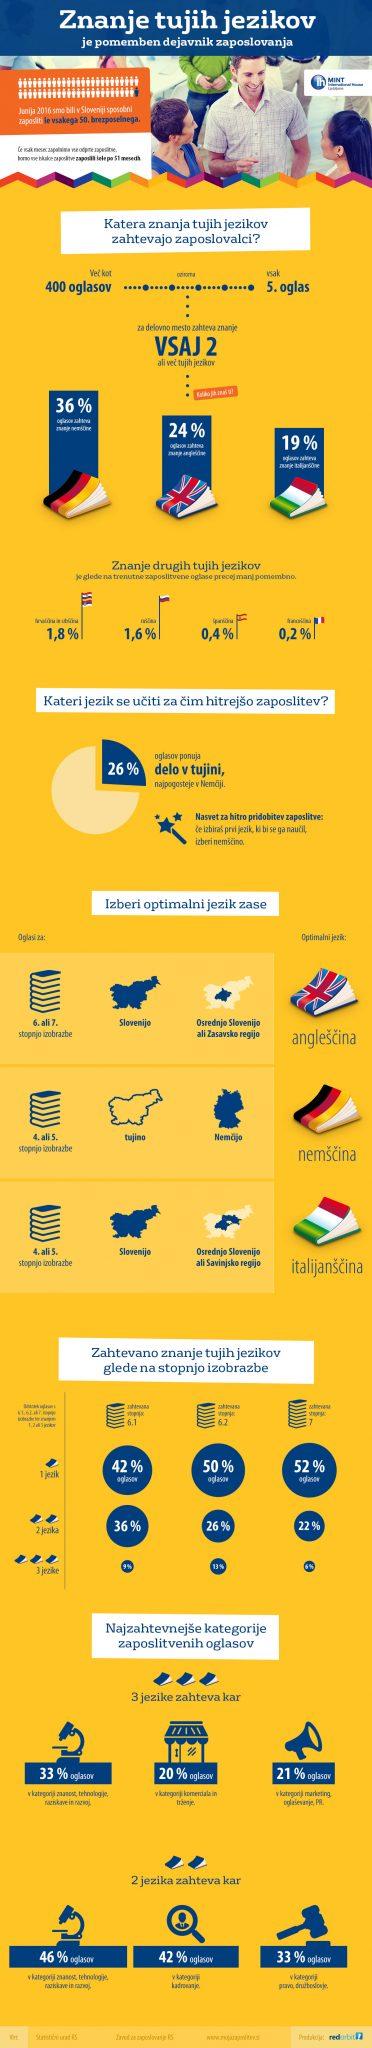 mint-infografika-2016